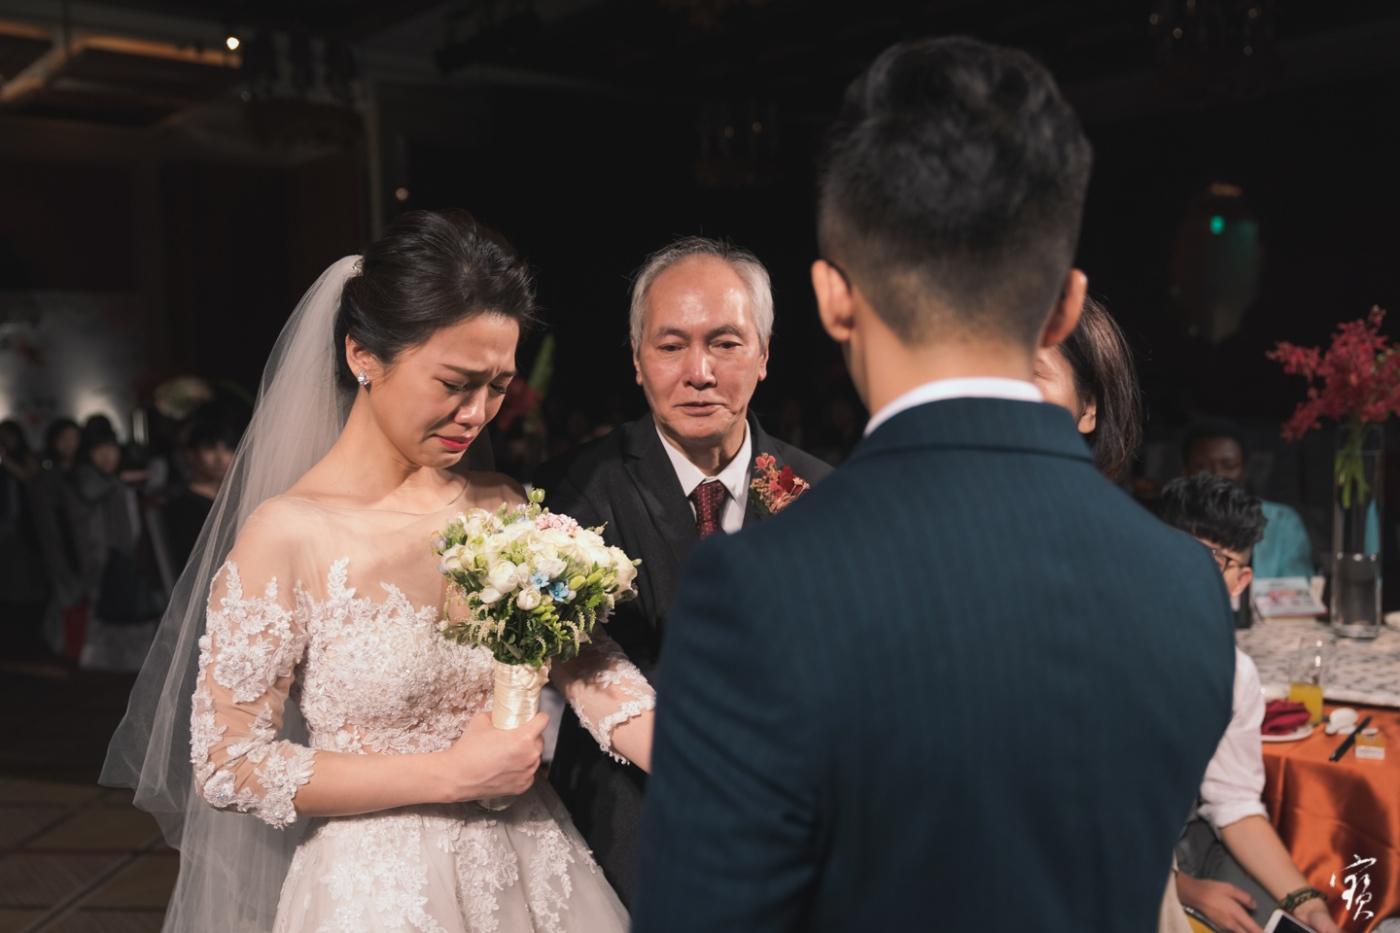 婚禮攝影 婚紗 大直 典華 冬半影像 攝影師大寶 北部攝影 台北攝影 桃園攝影 新竹攝影20181208-329